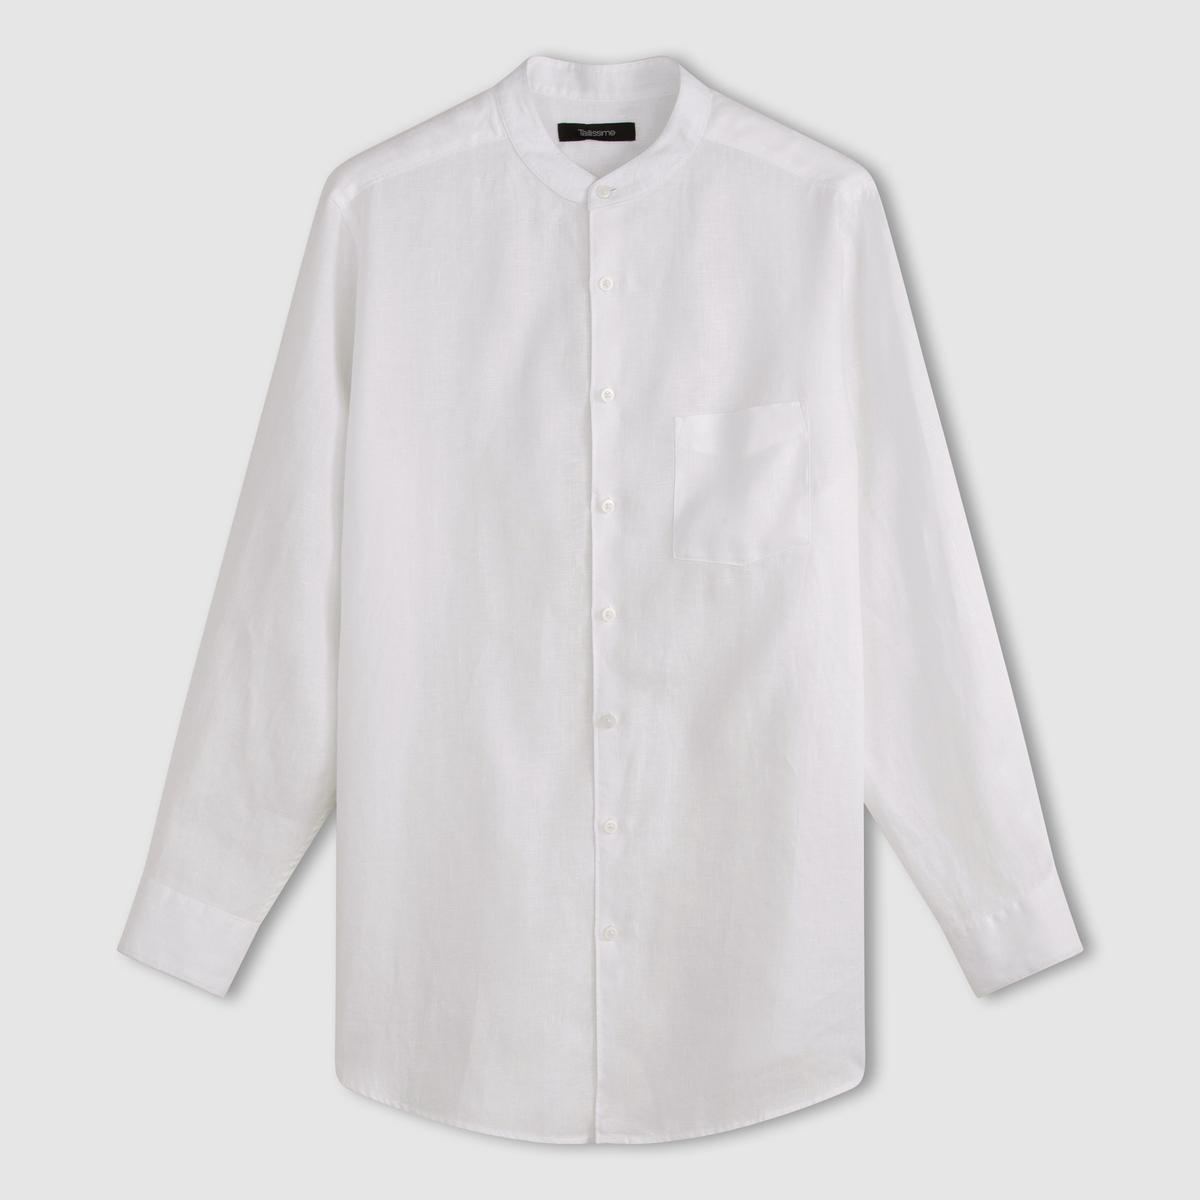 Рубашка однотонная с длинными рукавамиОписание:Детали •  Длинные рукава •  Прямой покрой •  Стоячий воротникСостав и уход •  100% лен •  Температура стирки 30° •  Сухая чистка и отбеливание запрещены • Барабанная сушка на умеренном режиме • Средняя температура глажки Товар из коллекции больших размеров •  Длина : 88 см<br><br>Цвет: белый,темно-синий<br>Размер: 45/46.51/52.53/54.55/56.43/44.45/46.47/48.51/52.53/54.55/56.57/58